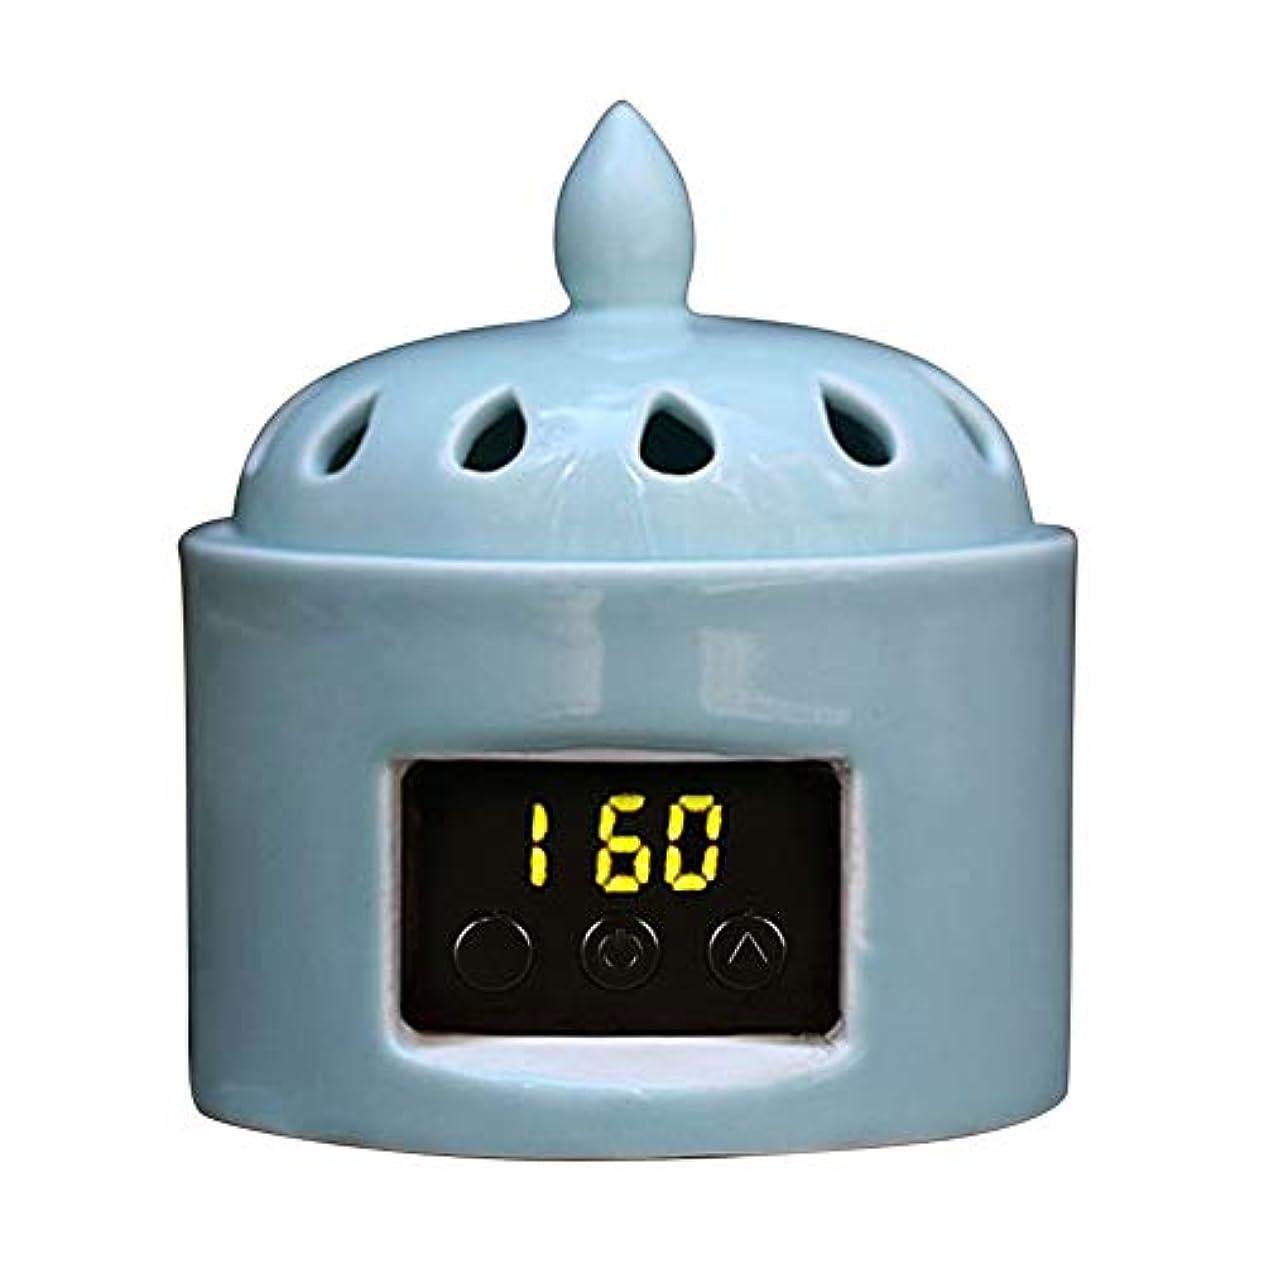 相互接続再集計余剰アロマディフューザー LCD温度制御 香炉、 電気セラミック 寒天 エッセンシャルオイル アロマテラピーディフューザー、 ホーム磁器、 バルコニー、 ポーチ、 パティオ、 ガーデンエッセンシャル セラミック電気香炉